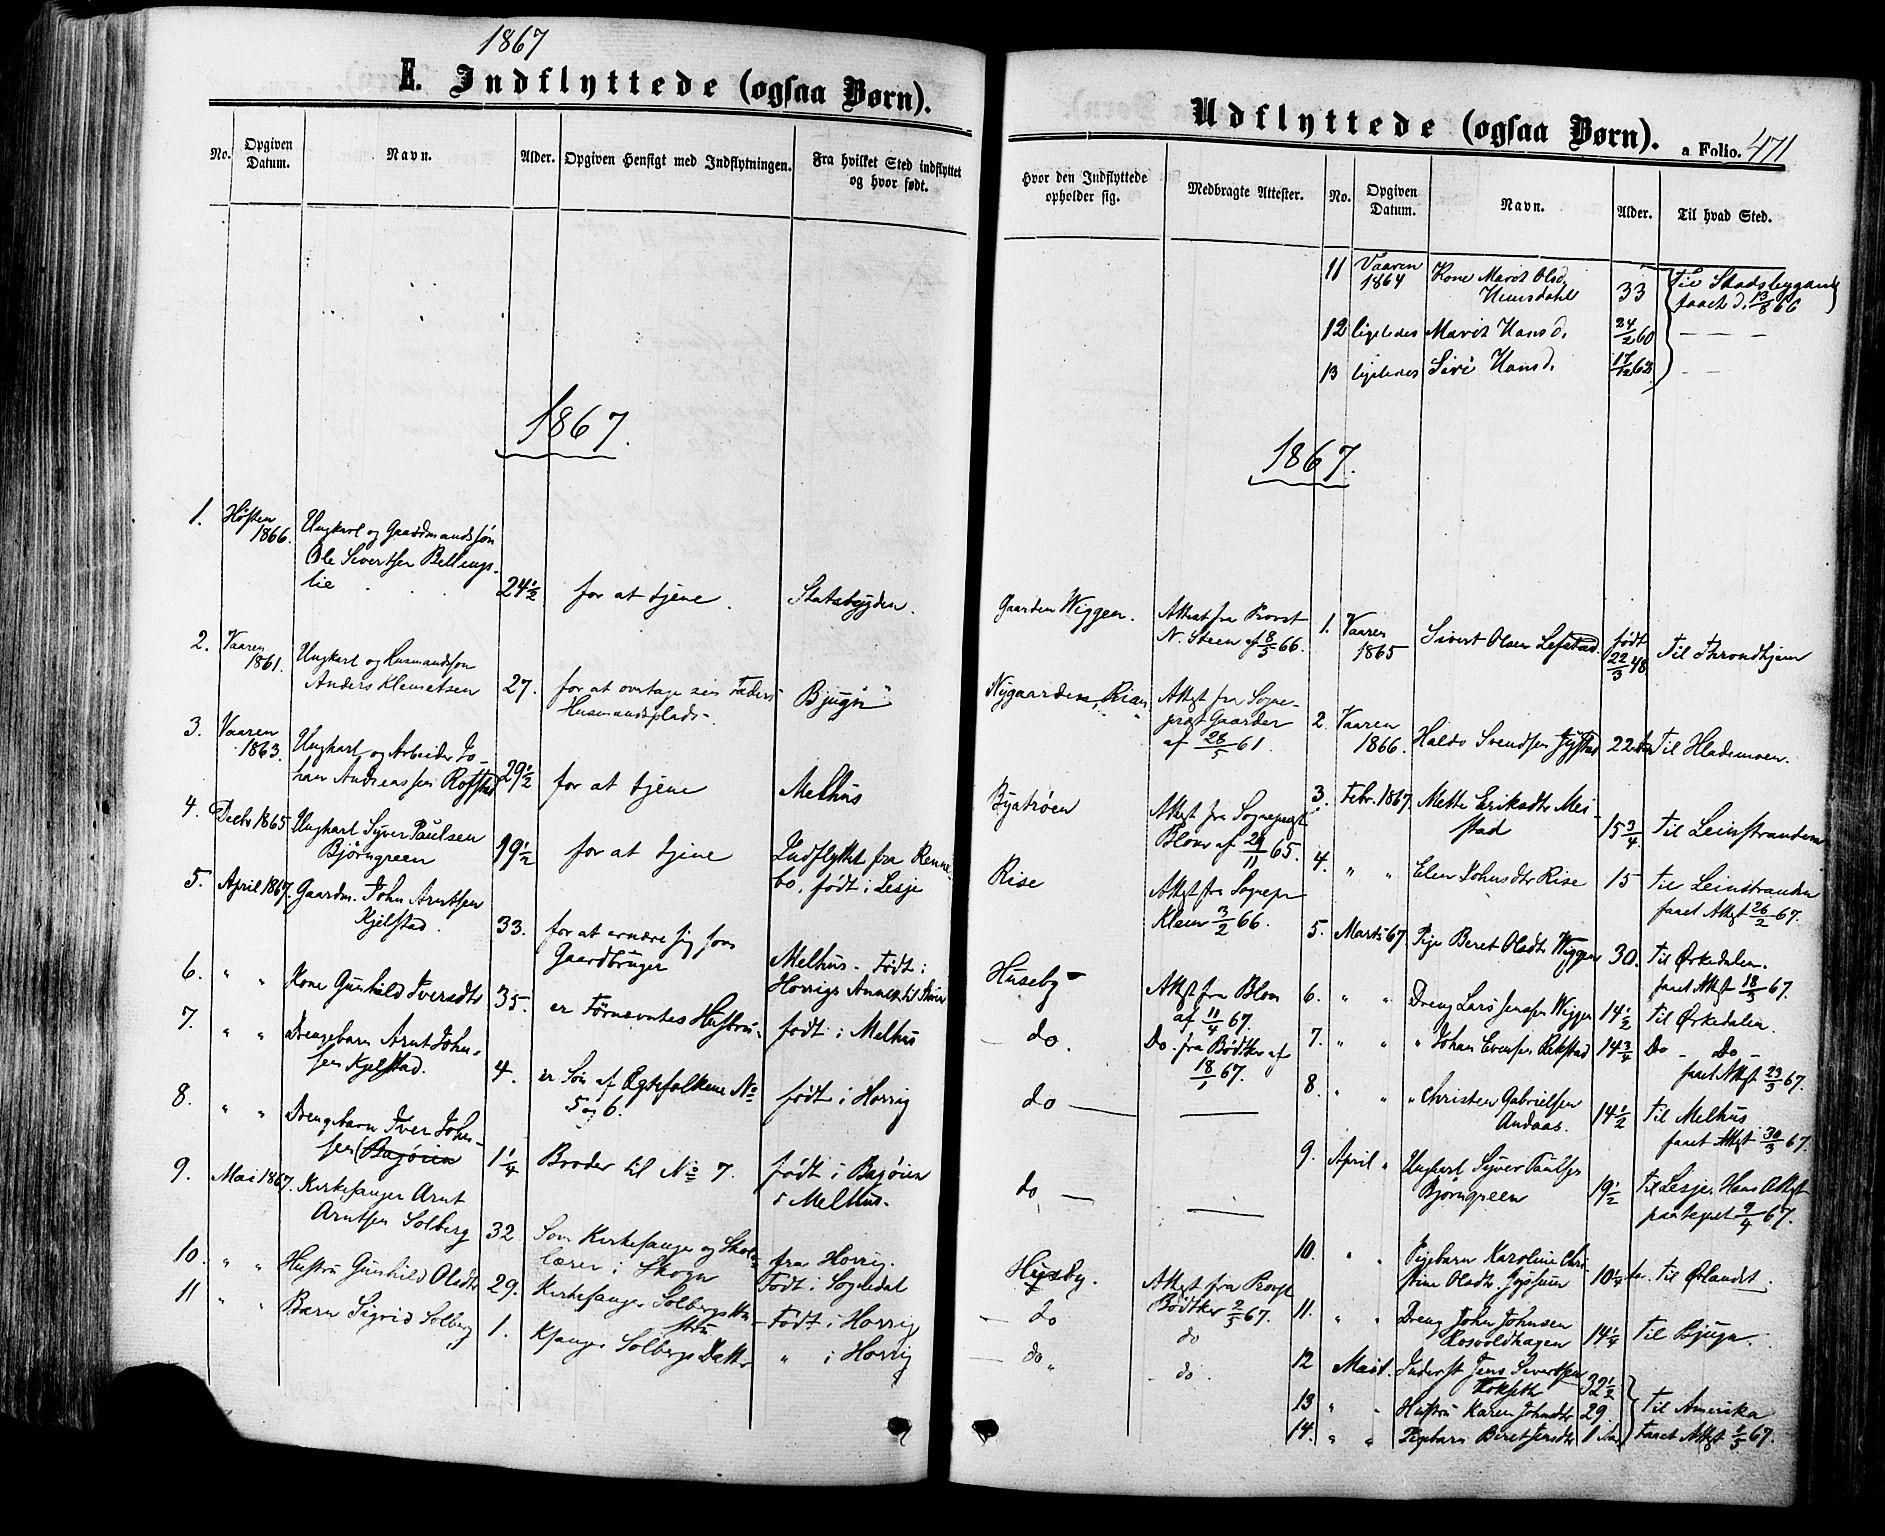 SAT, Ministerialprotokoller, klokkerbøker og fødselsregistre - Sør-Trøndelag, 665/L0772: Ministerialbok nr. 665A07, 1856-1878, s. 471